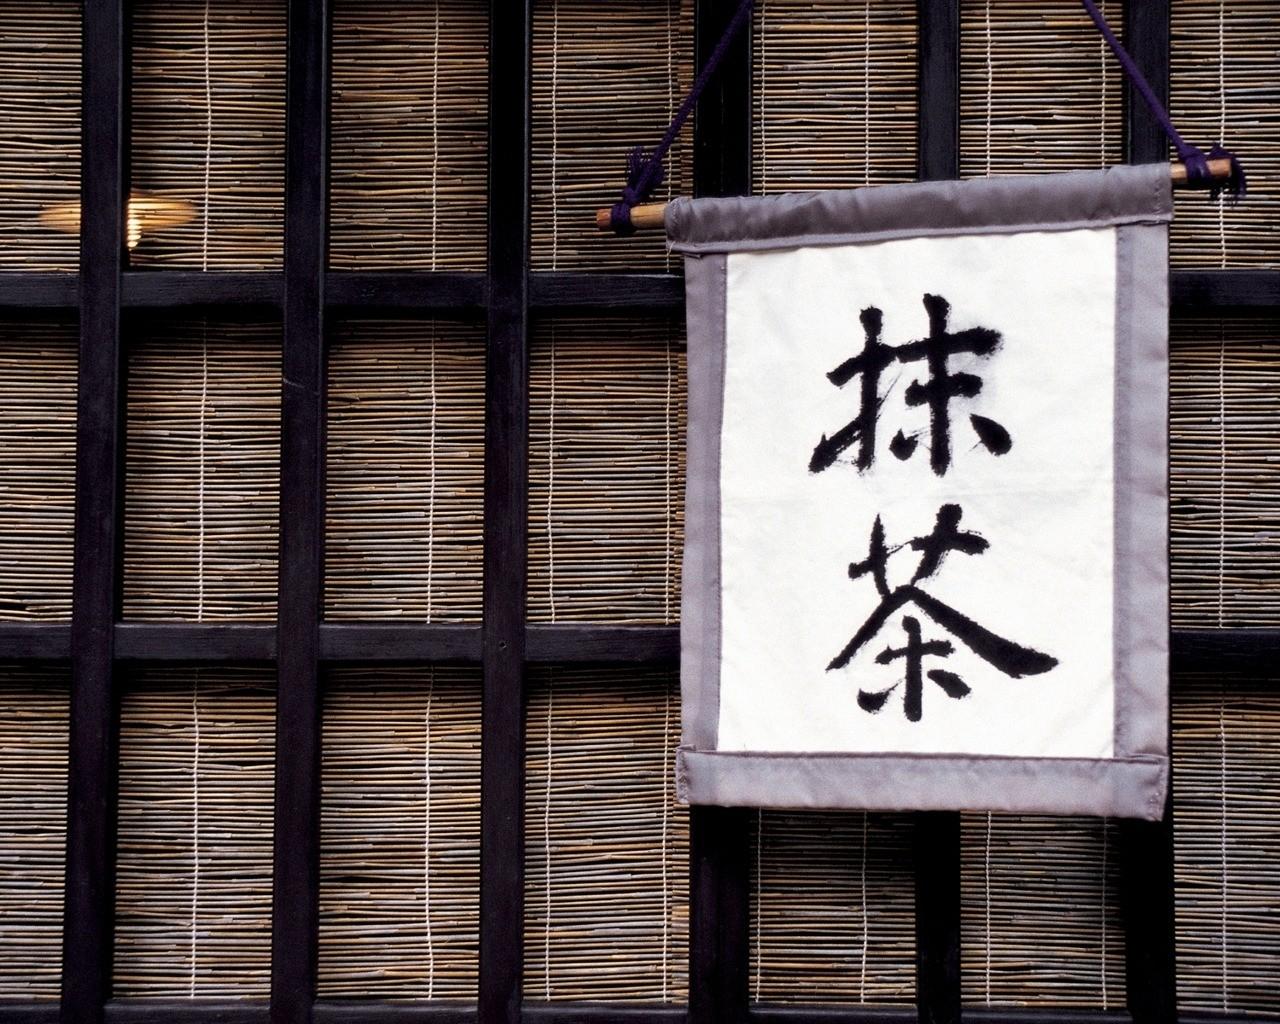 http://4.bp.blogspot.com/-gJsYMhKPE0w/TyQIddw-sRI/AAAAAAAAAgc/JkiXQN9Jim0/s1600/wallpaper-1614651.jpg